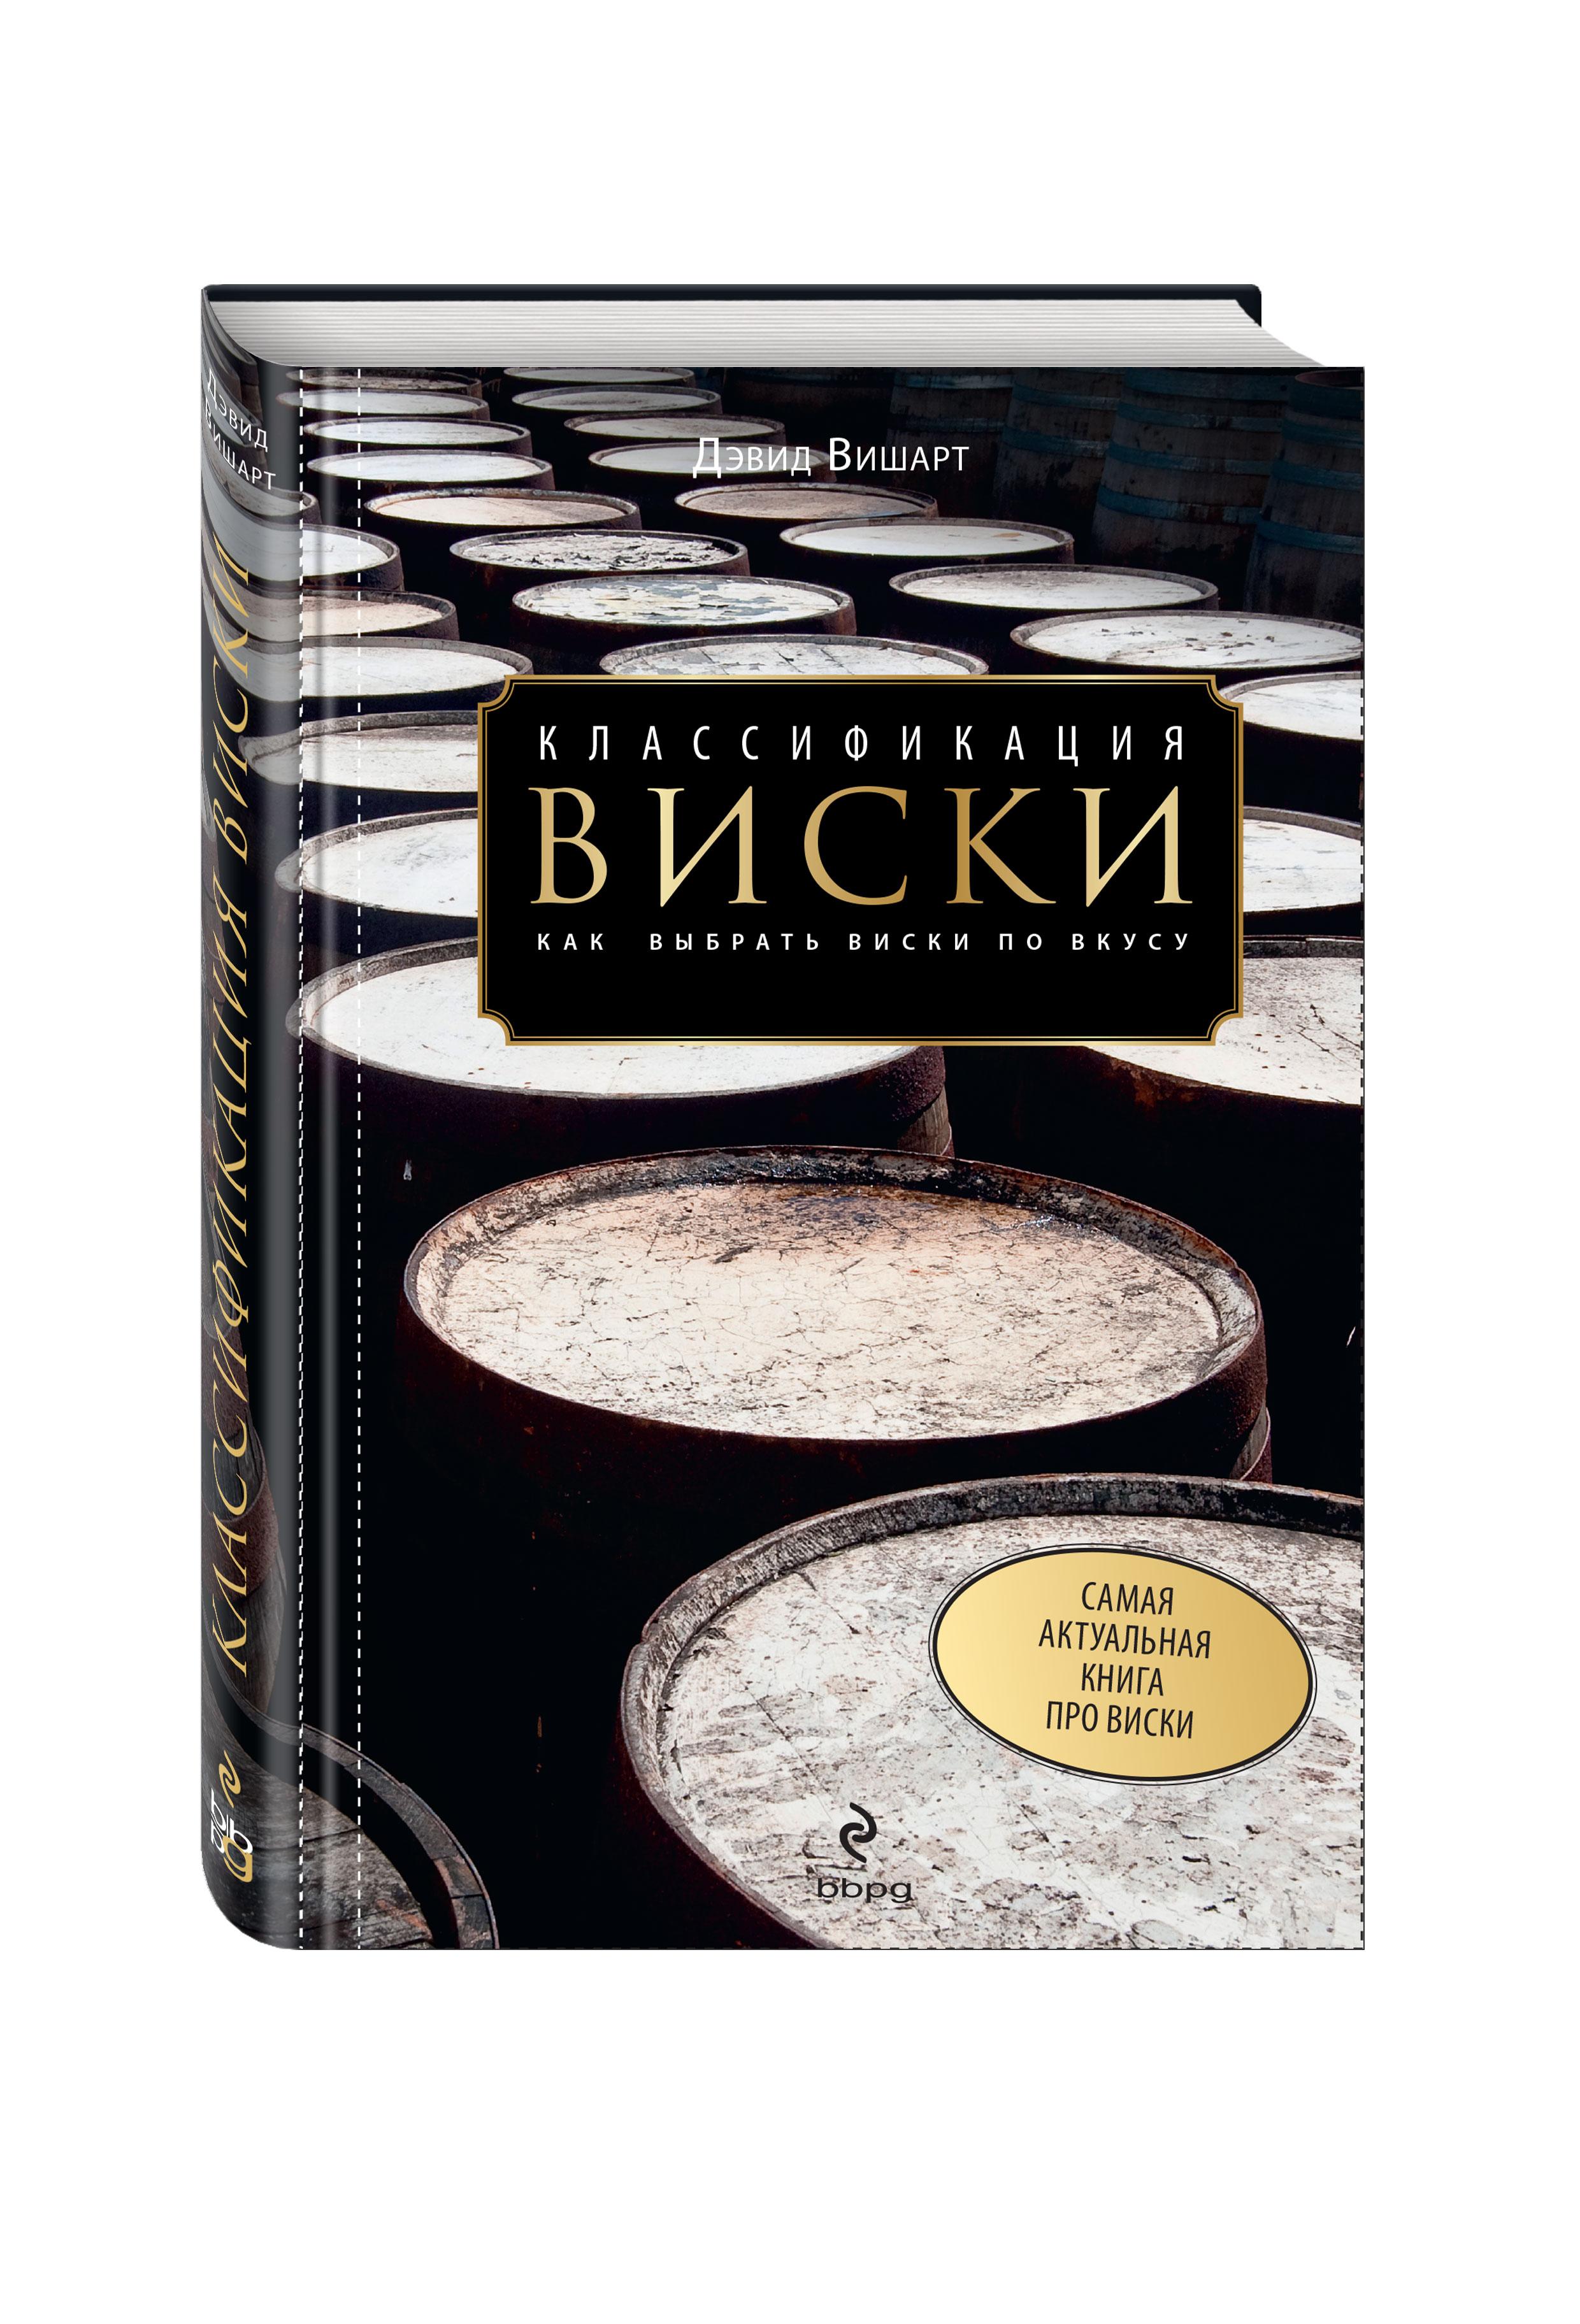 Дэвид Вишарт Классификация виски. Как выбрать виски по вкусу кубик для виски в москве